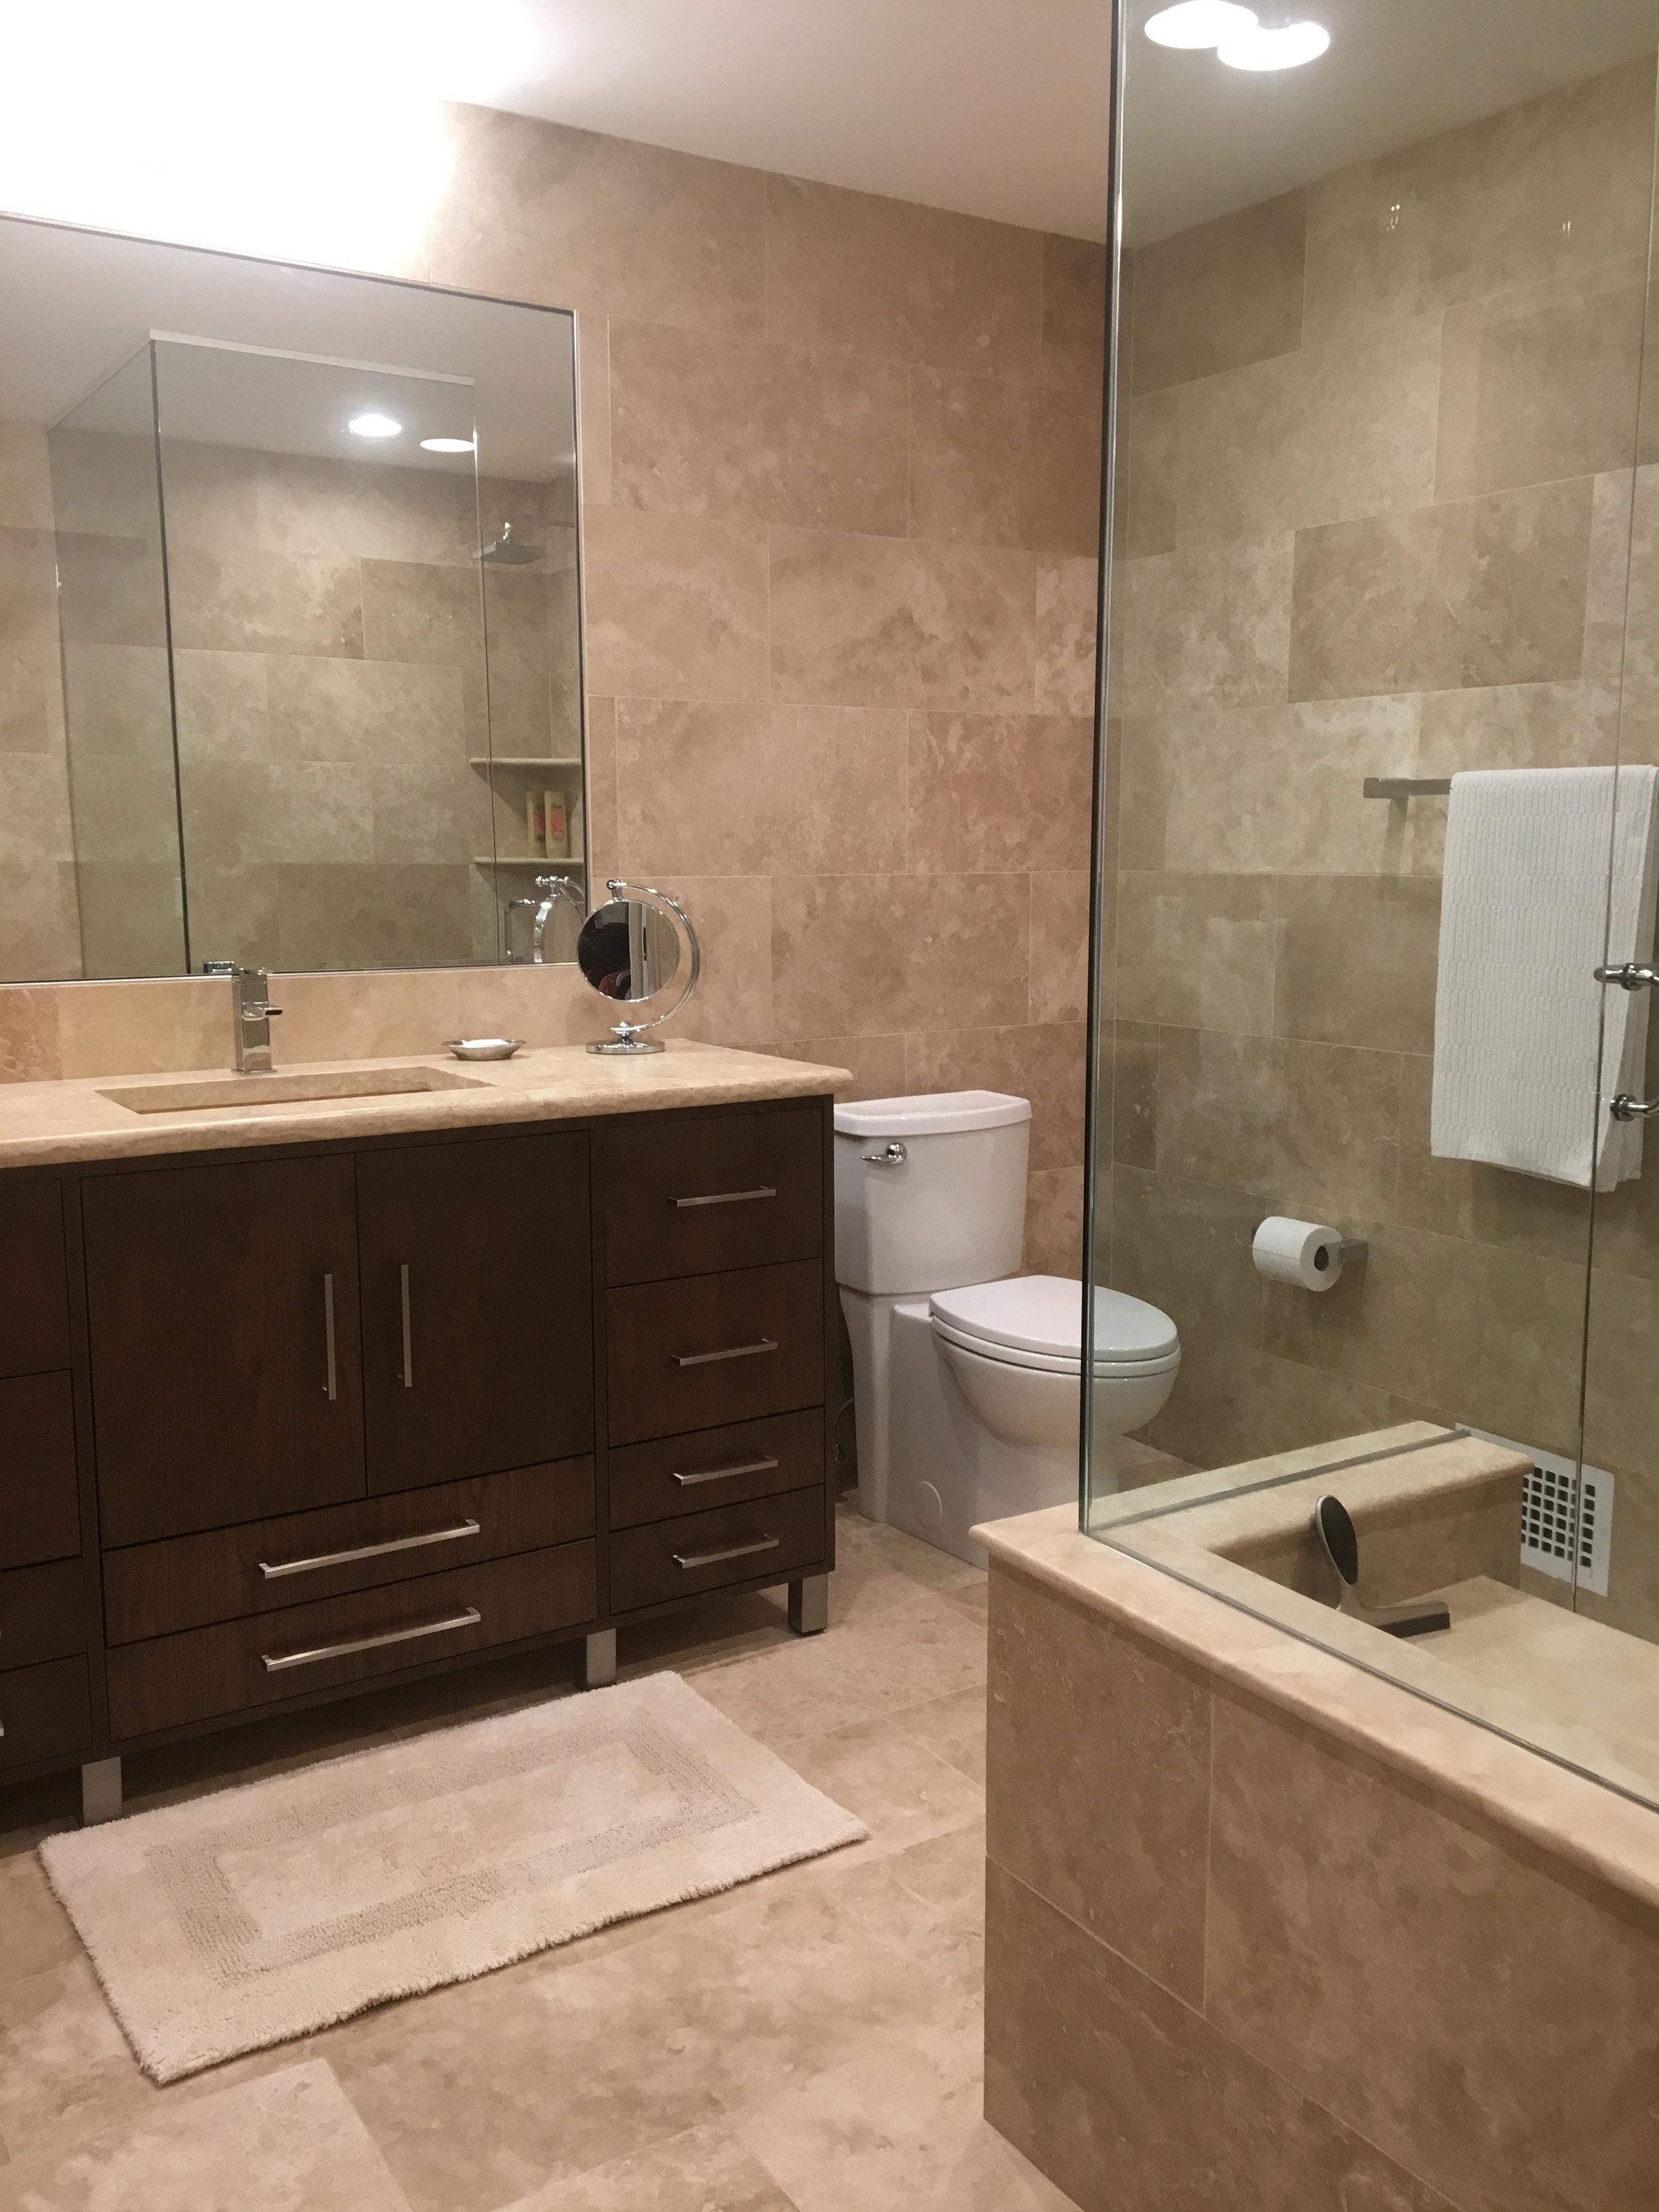 durango bathroom sidley 2 .jpg